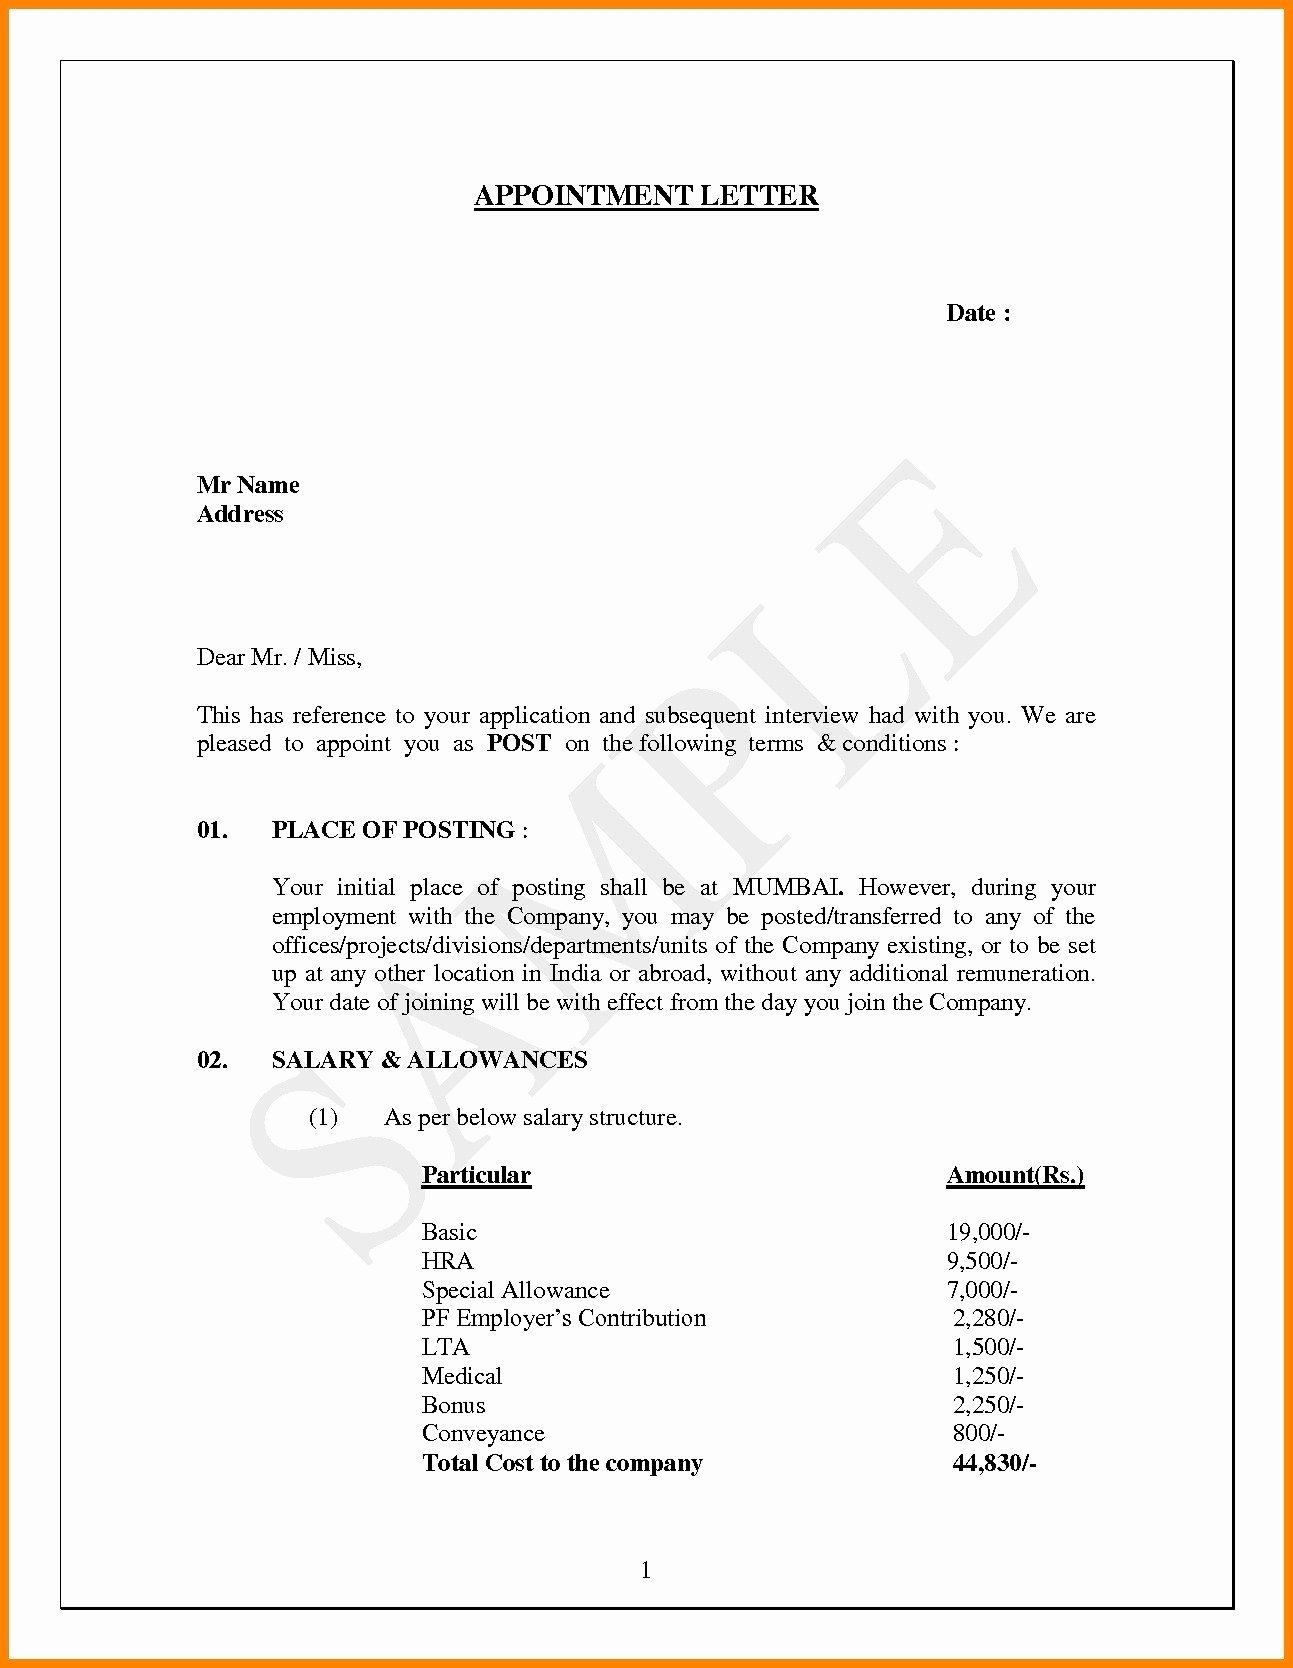 Job Offer Letter Template Doc Inspirational Job Fer Letter Word Doc Best 16 Elegant Employment